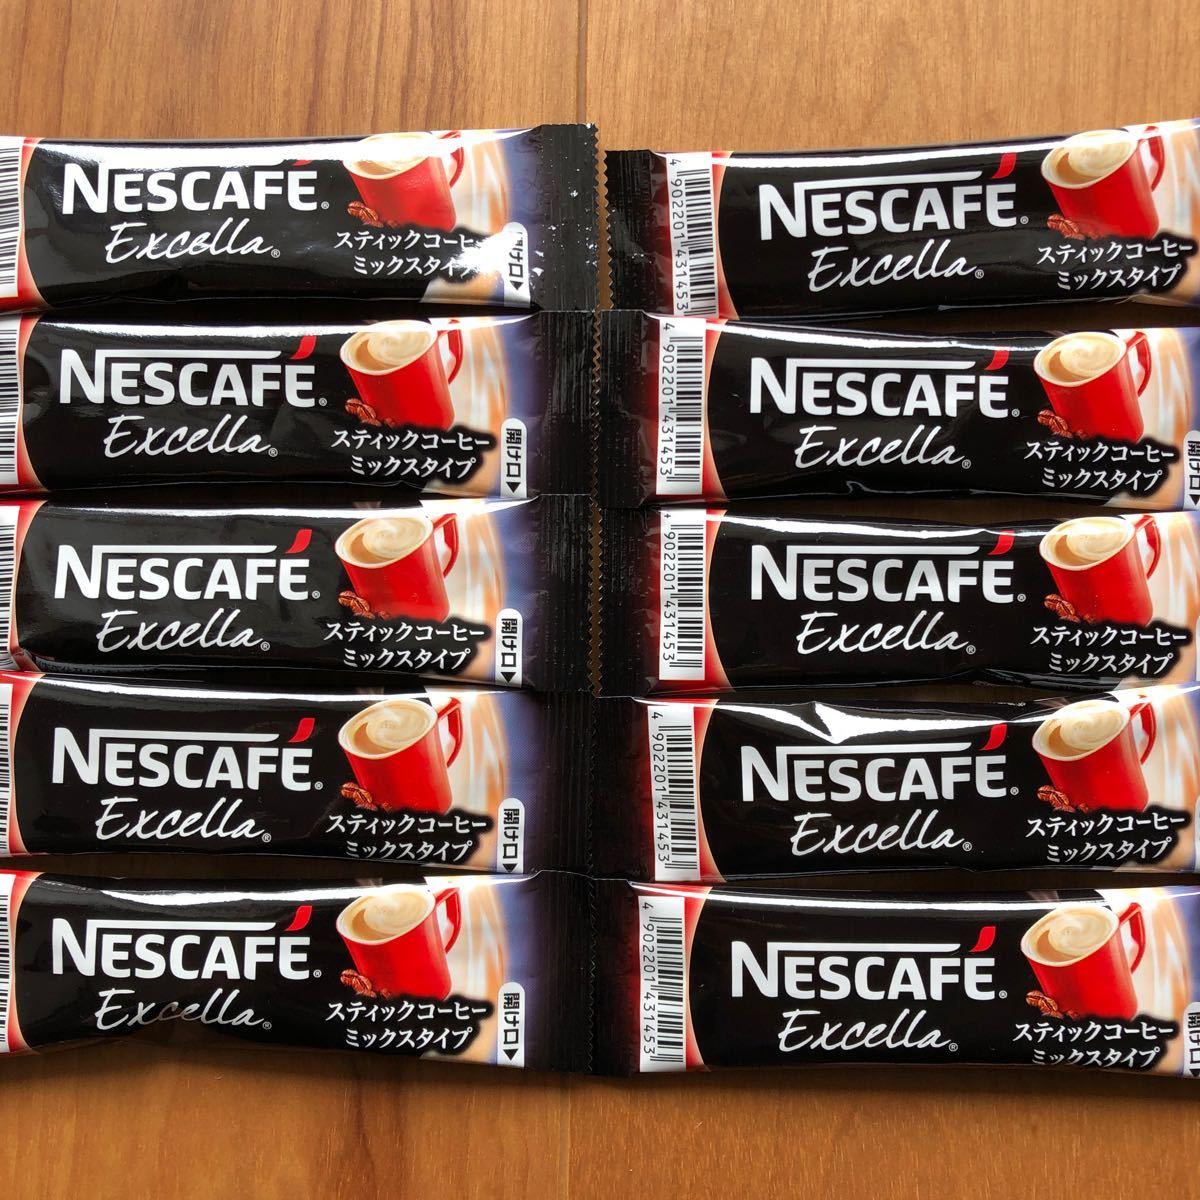 ネスカフェ エクセラ スティックコーヒーミックスタイプ 10本